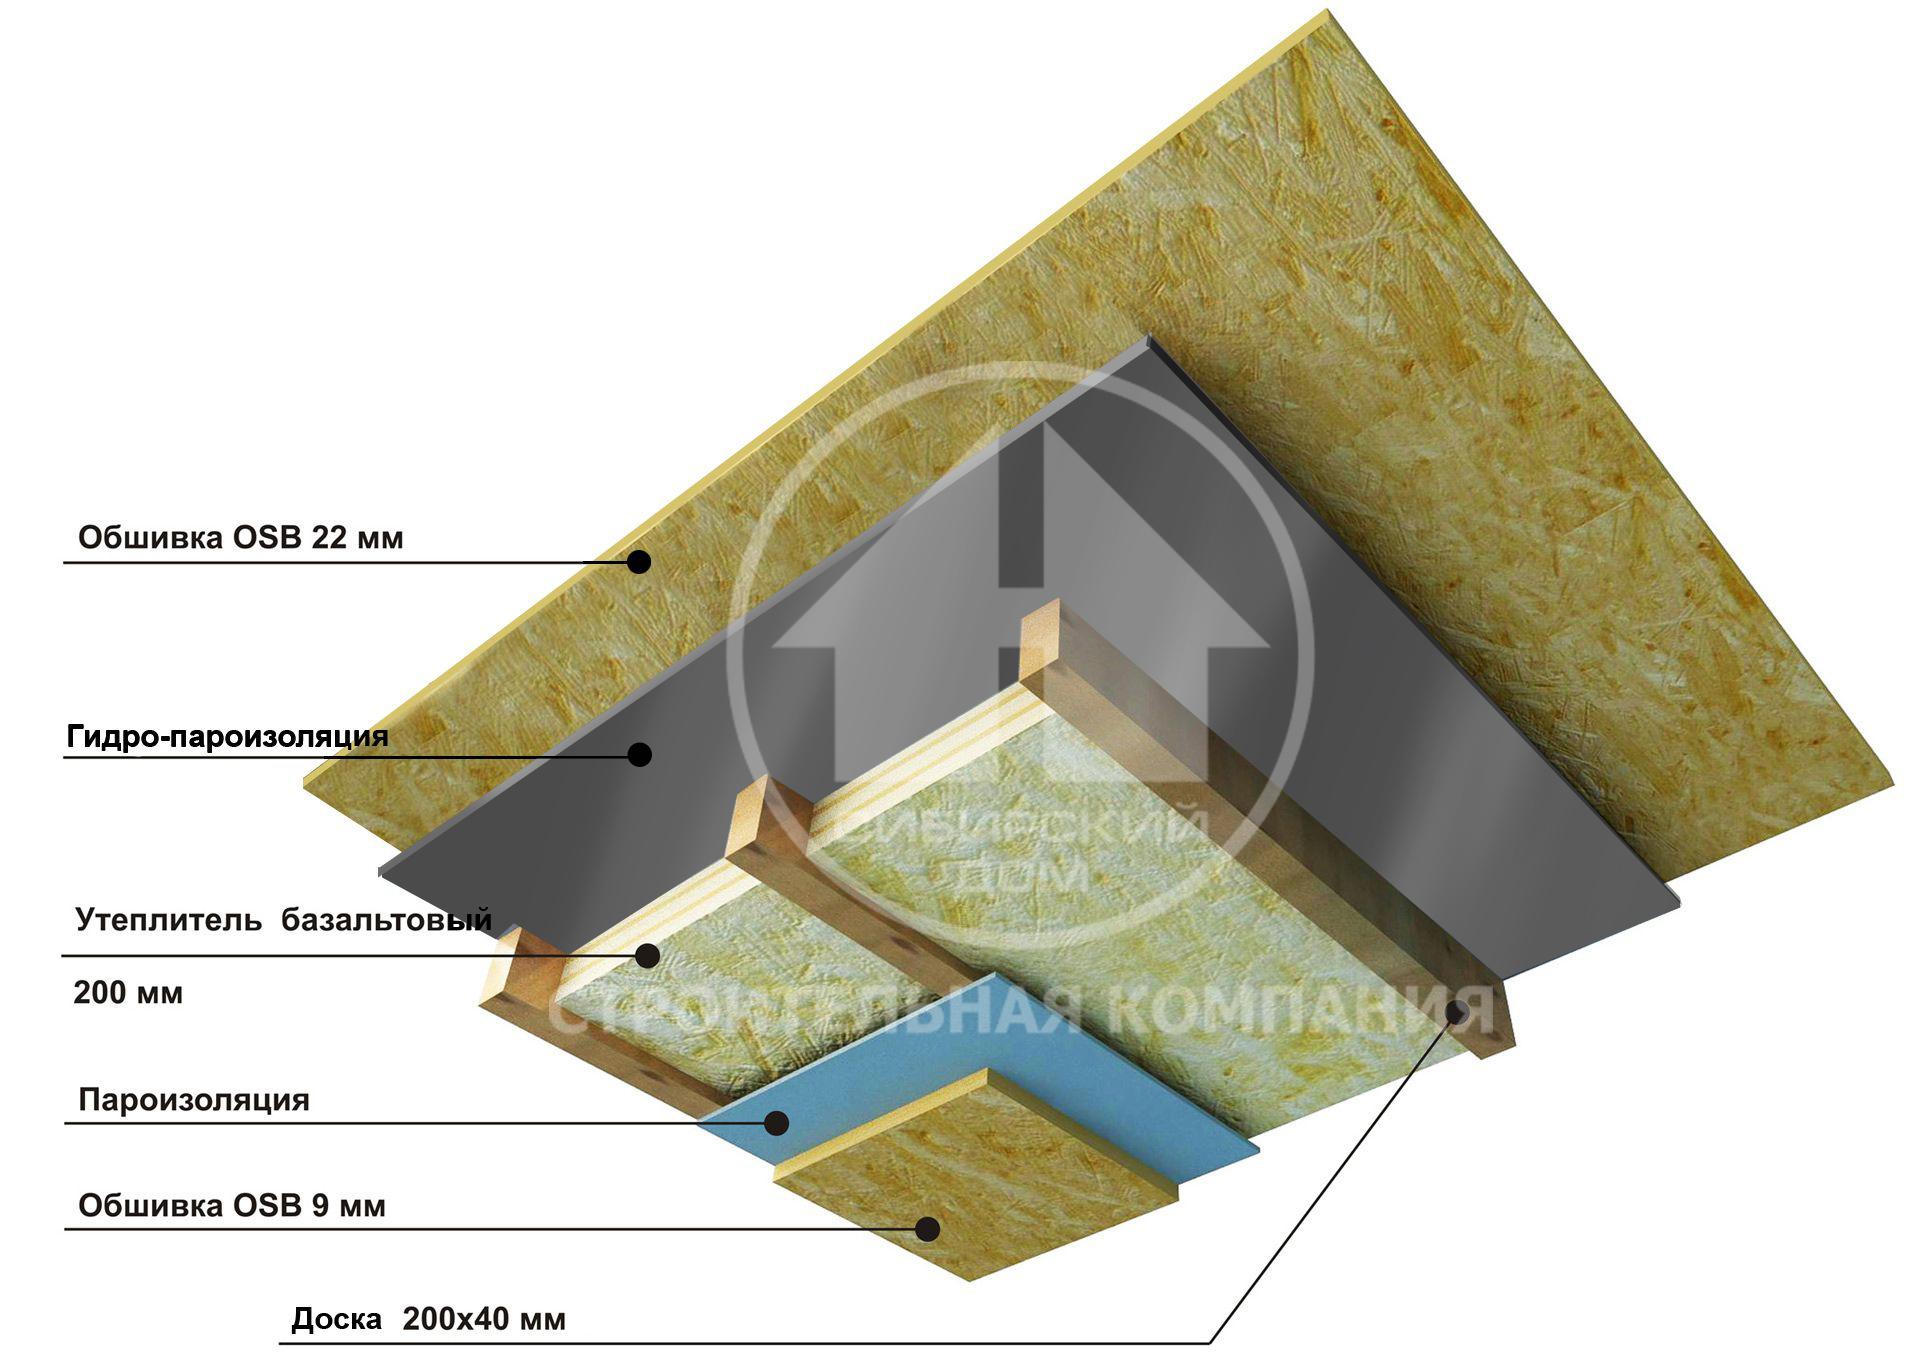 Как сделать перекрытие между этажами в каркасном доме между этажами